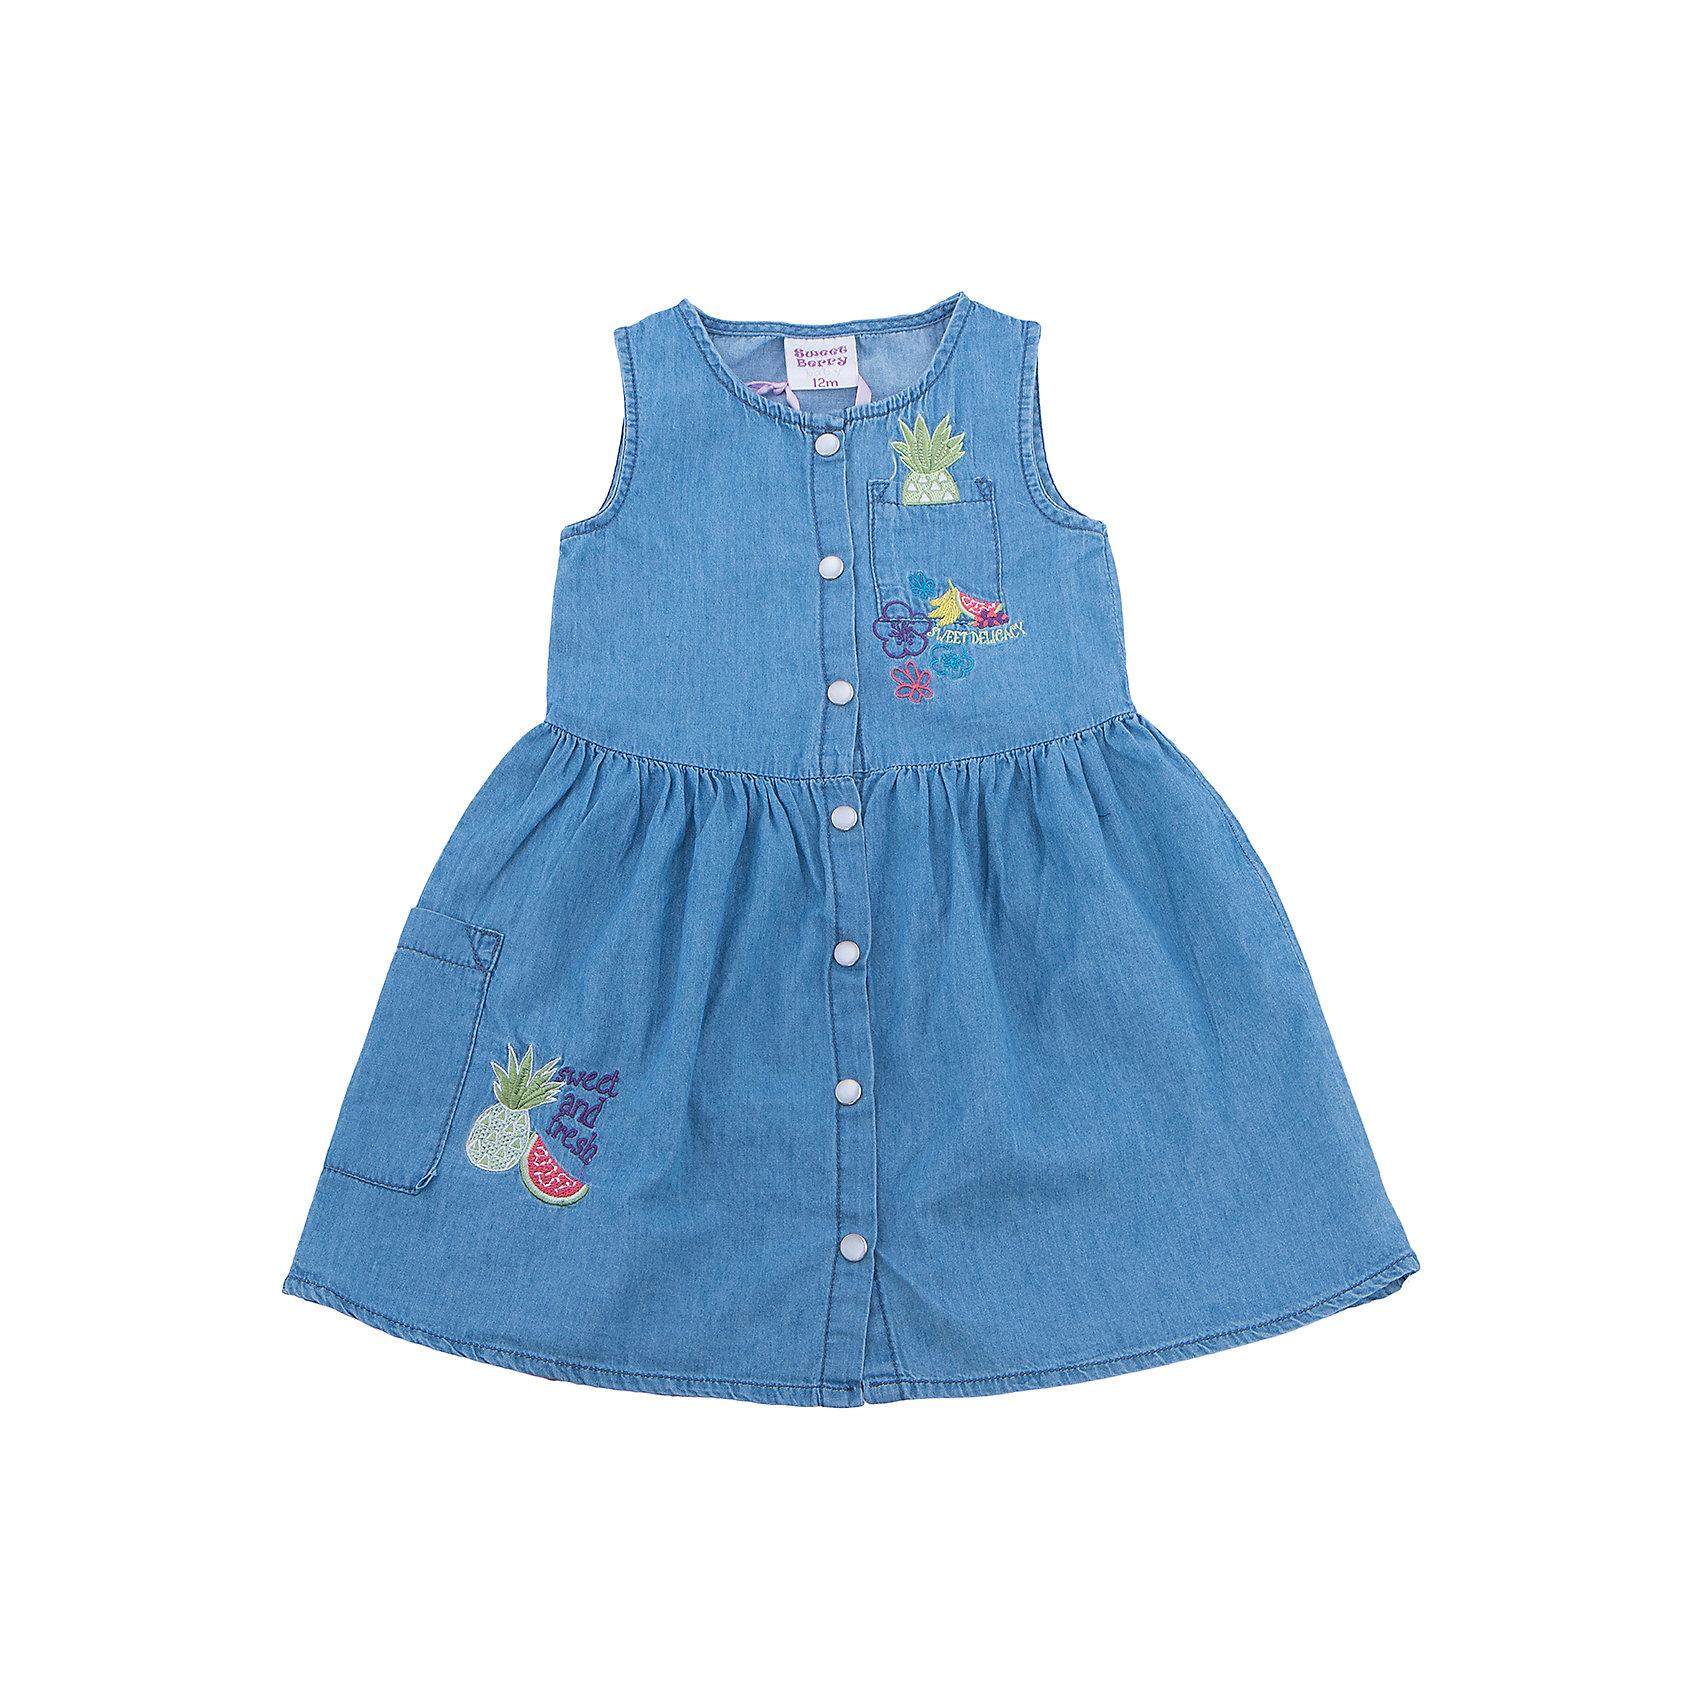 Сарафан джинсовый для девочки Sweet BerryДжинсовая одежда<br>Модный сарафан для девочки из тонкой хлопковой ткани под джинсу. Декорирован вышивкой и двумя карманами. Застежка- кнопки.<br>Состав:<br>100%хлопок<br><br>Ширина мм: 236<br>Глубина мм: 16<br>Высота мм: 184<br>Вес г: 177<br>Цвет: голубой<br>Возраст от месяцев: 12<br>Возраст до месяцев: 15<br>Пол: Женский<br>Возраст: Детский<br>Размер: 80,86,92,98<br>SKU: 5410949